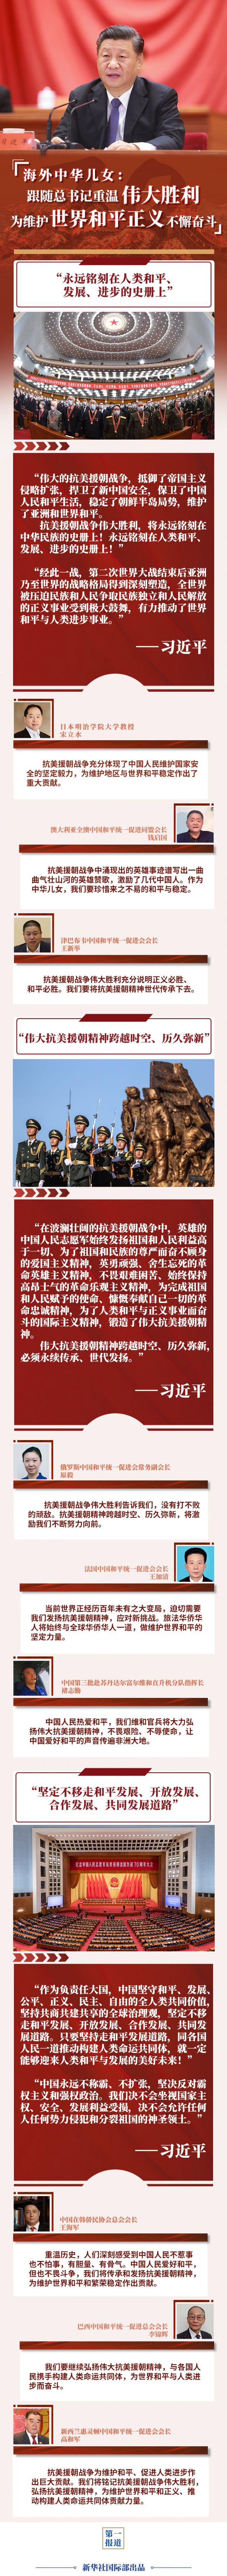 《【恒达娱乐待遇】第一报道|海外中华儿女:跟随总书记重温伟大胜利,为维护世界和平正义不懈奋斗》